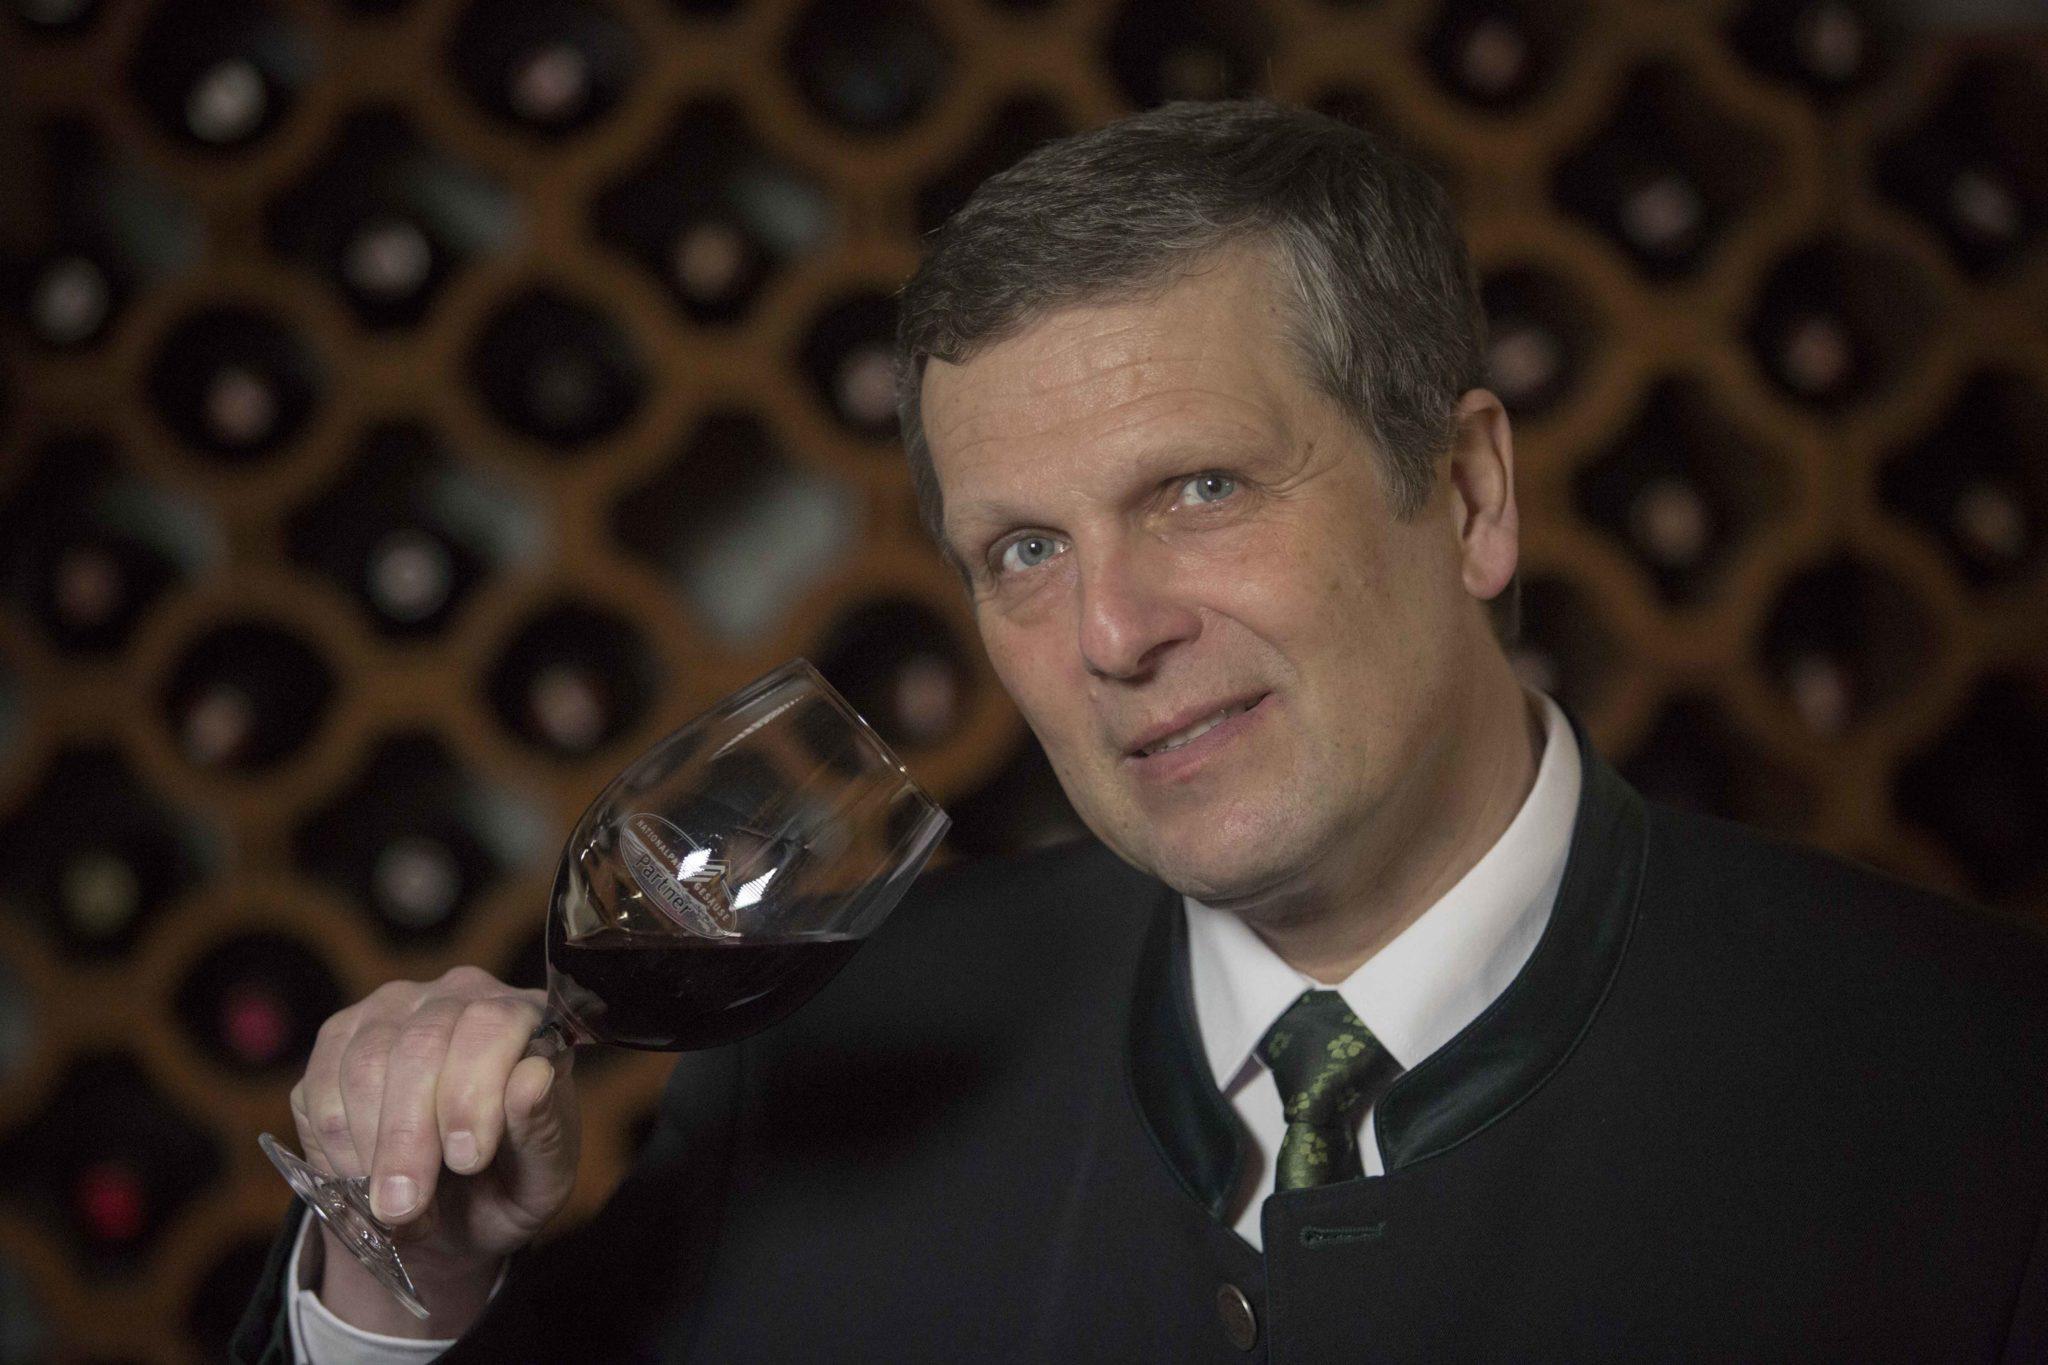 Klemens Pirafelner ist für die Auswahl der verschiedenen Weine verantwortlich.